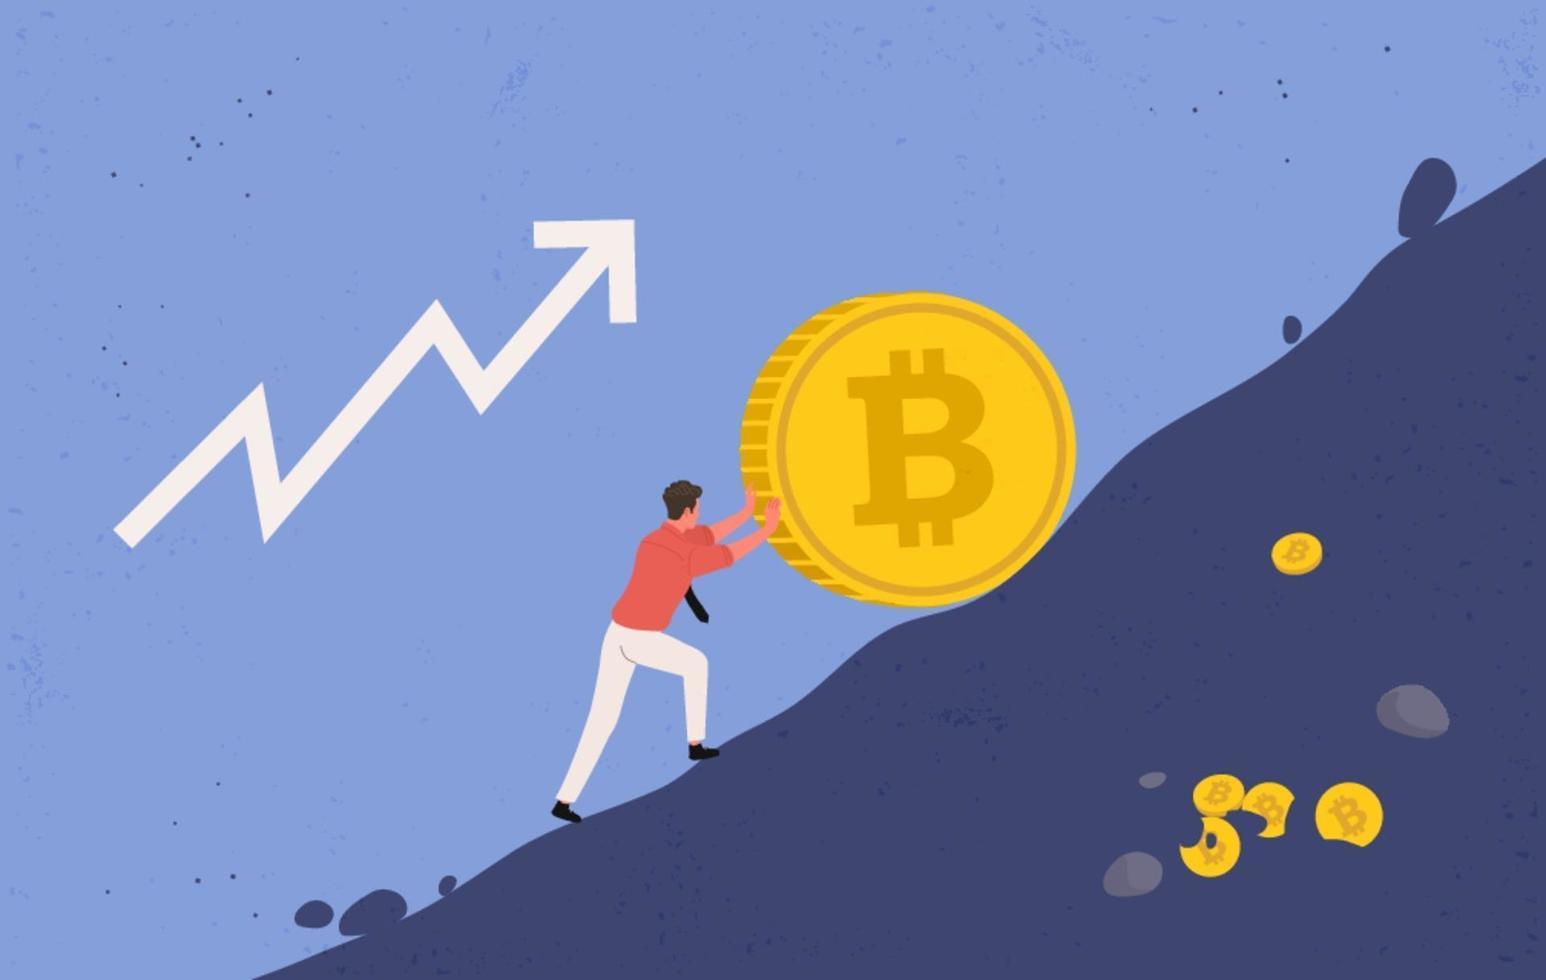 Bergmann, der versucht, große Bitcoin-Münzen vor dem Herunterfallen zu bewahren vektor